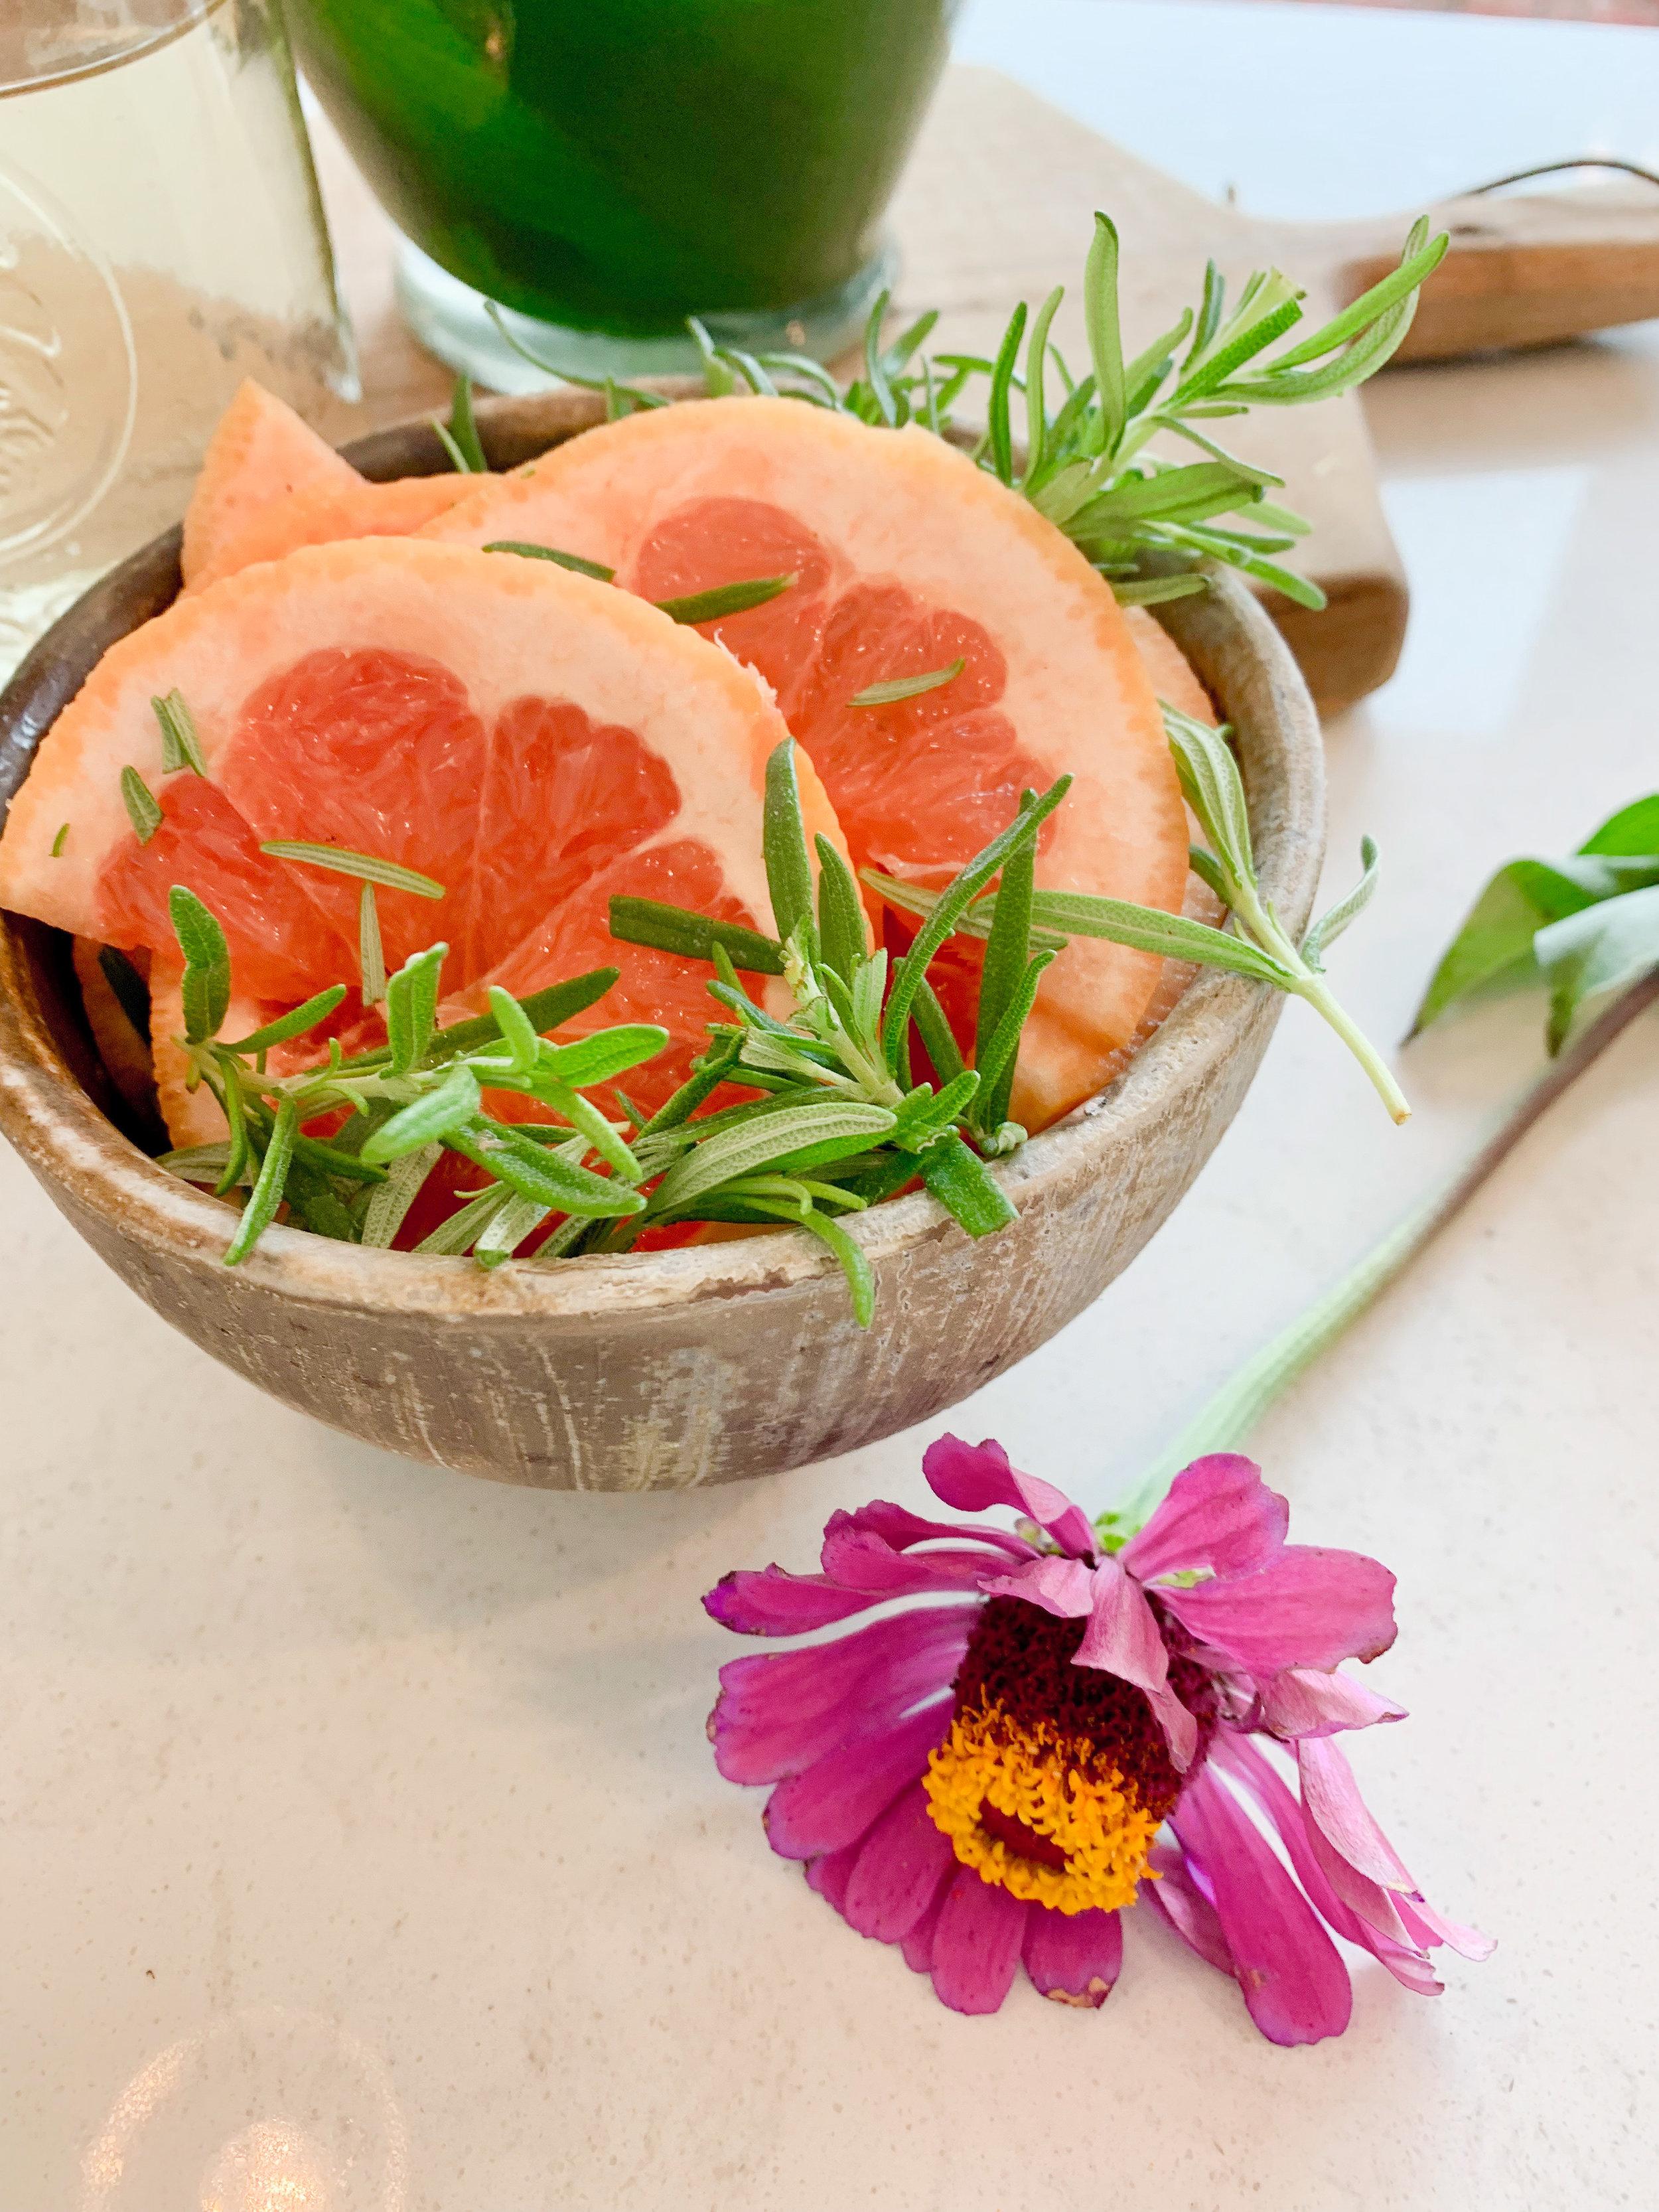 wildflowersfreshfoodgrapefruit.jpg